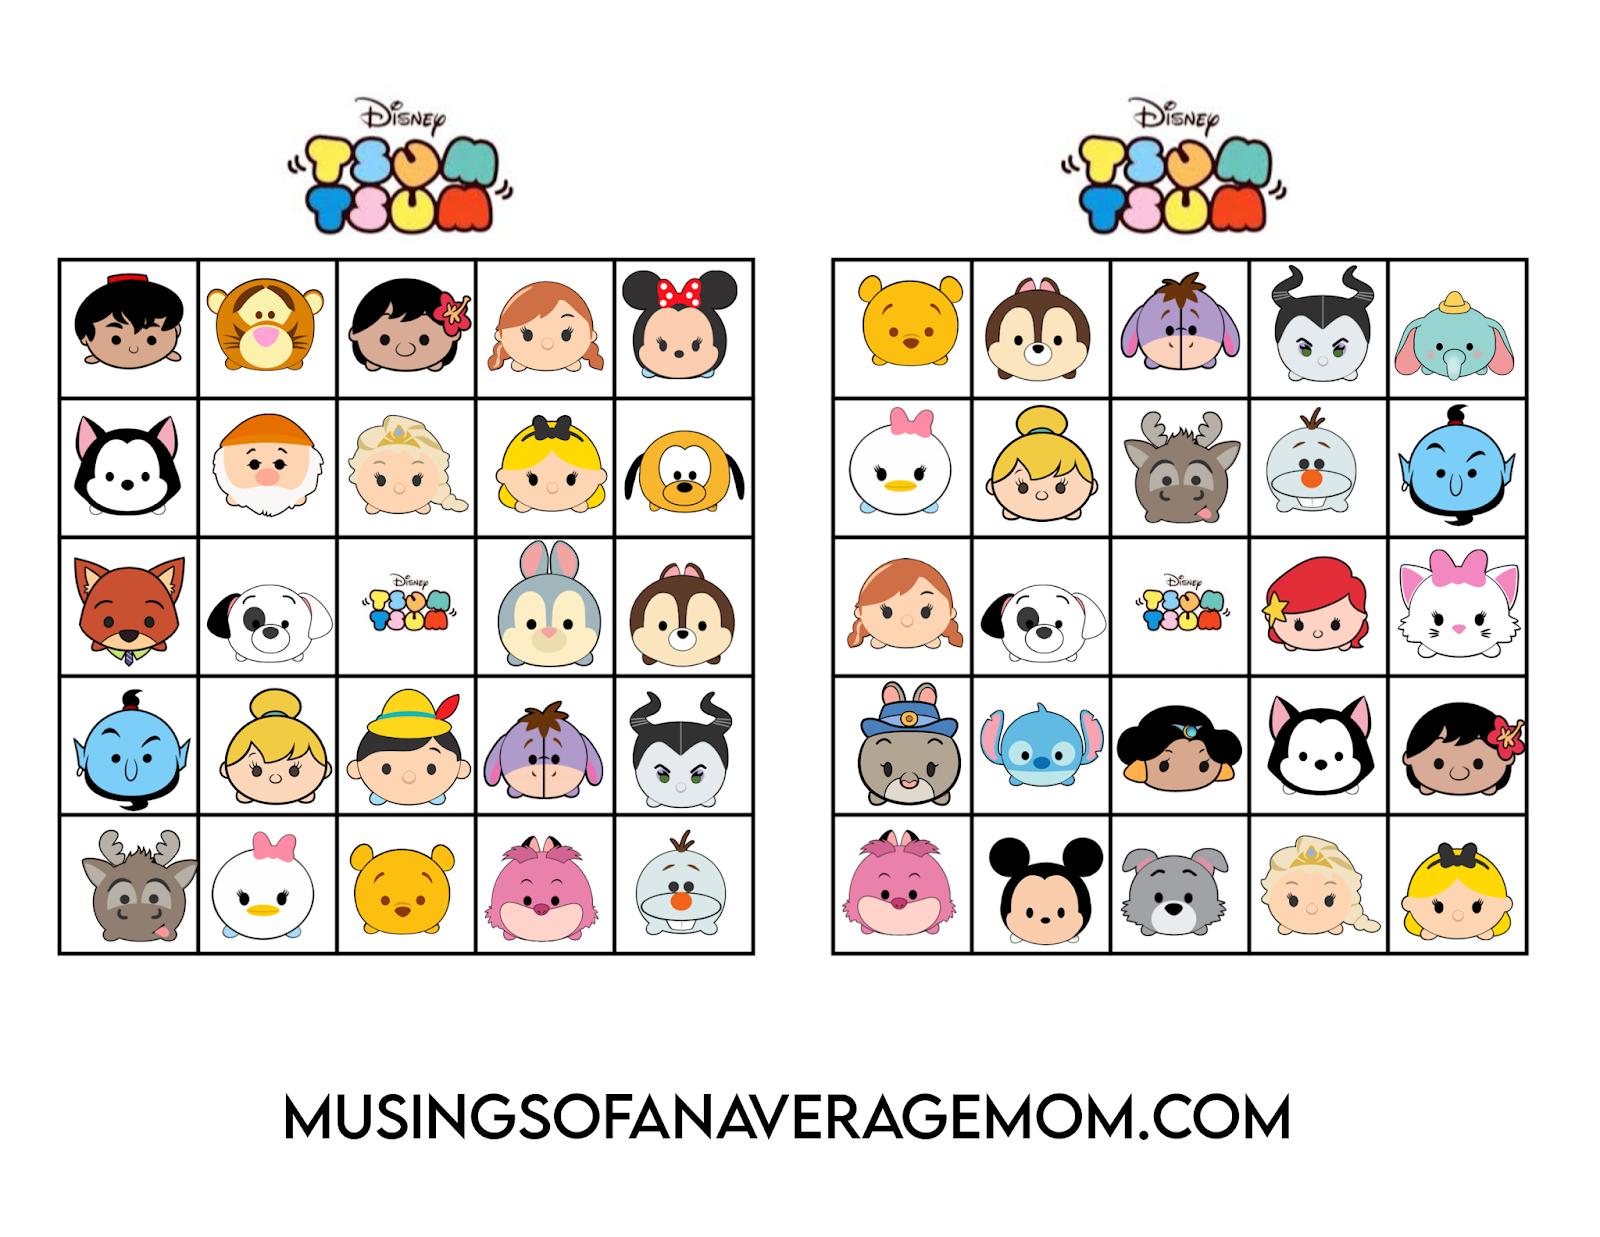 Musings of an Average Mom: Disney Tsum Tsum Bingo - Free Printable